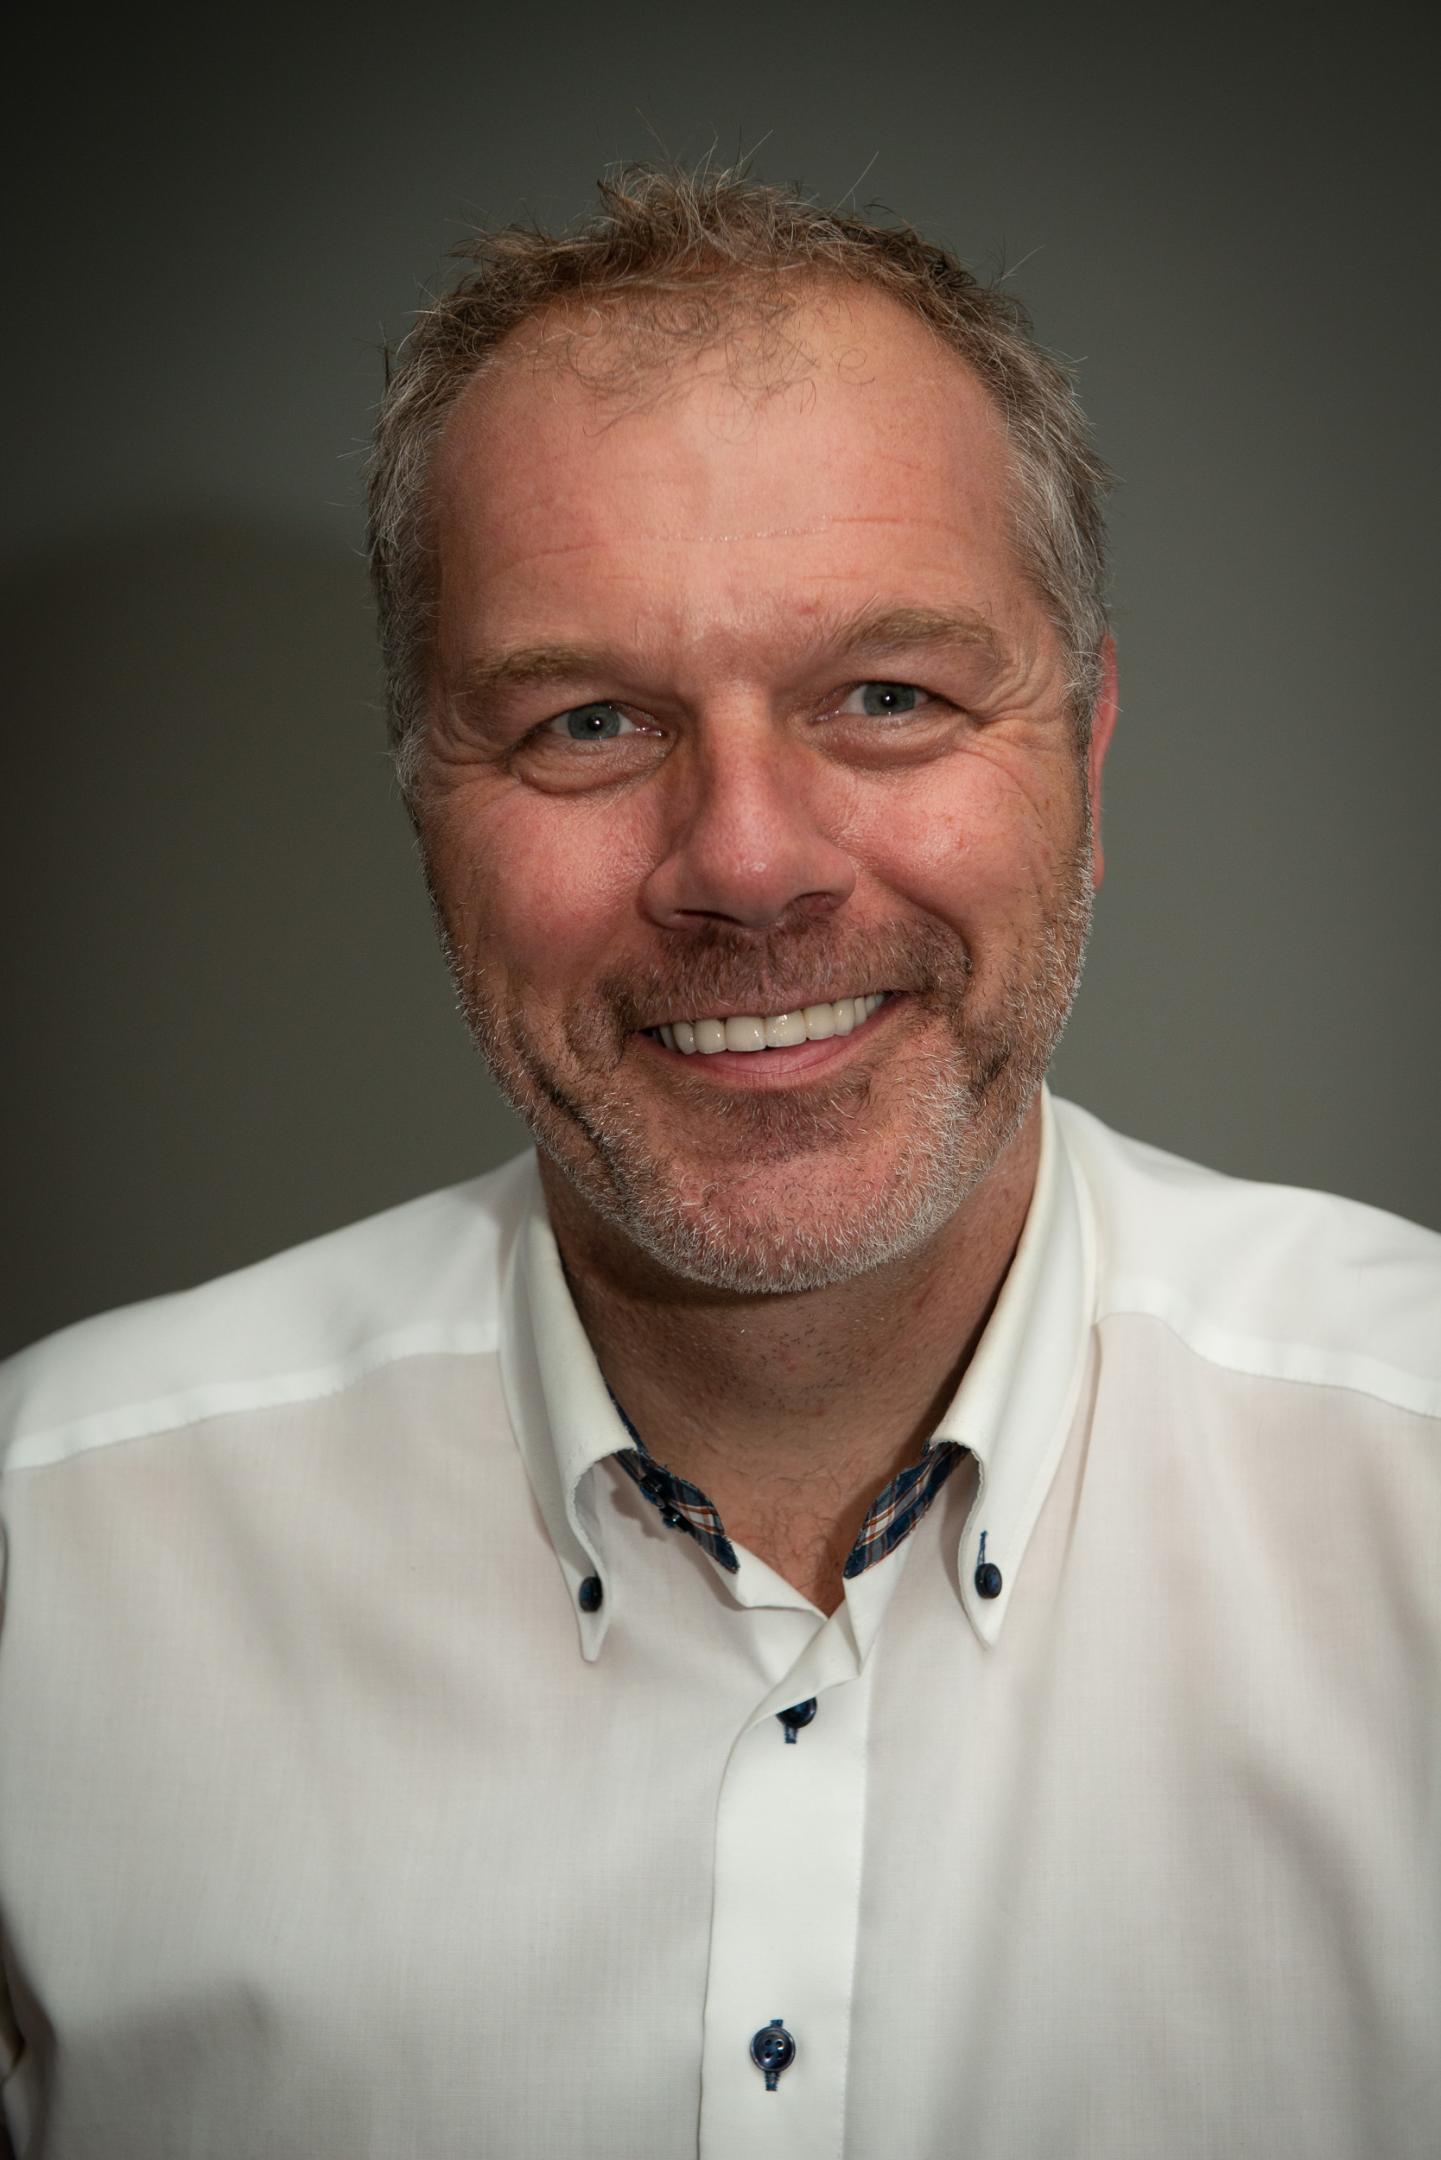 Jan Willem Jansen